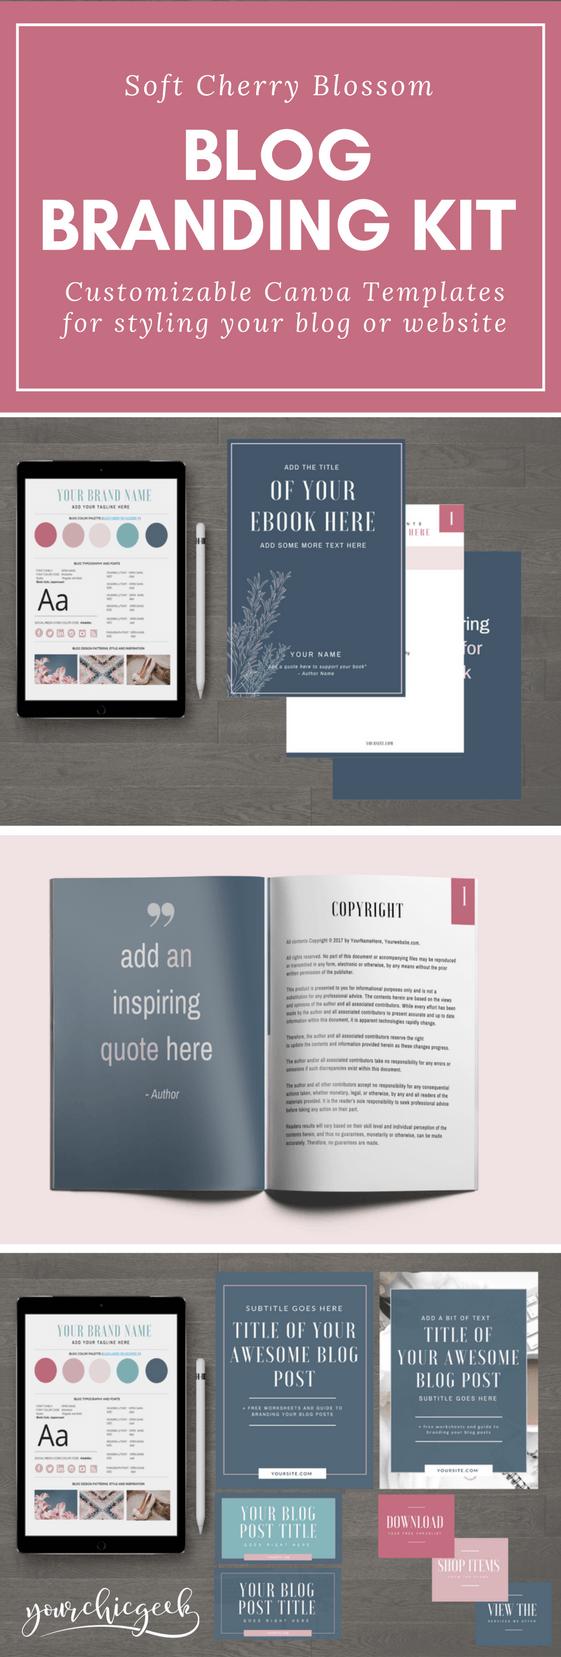 Soft Cherry Blossom Blog Branding Kit